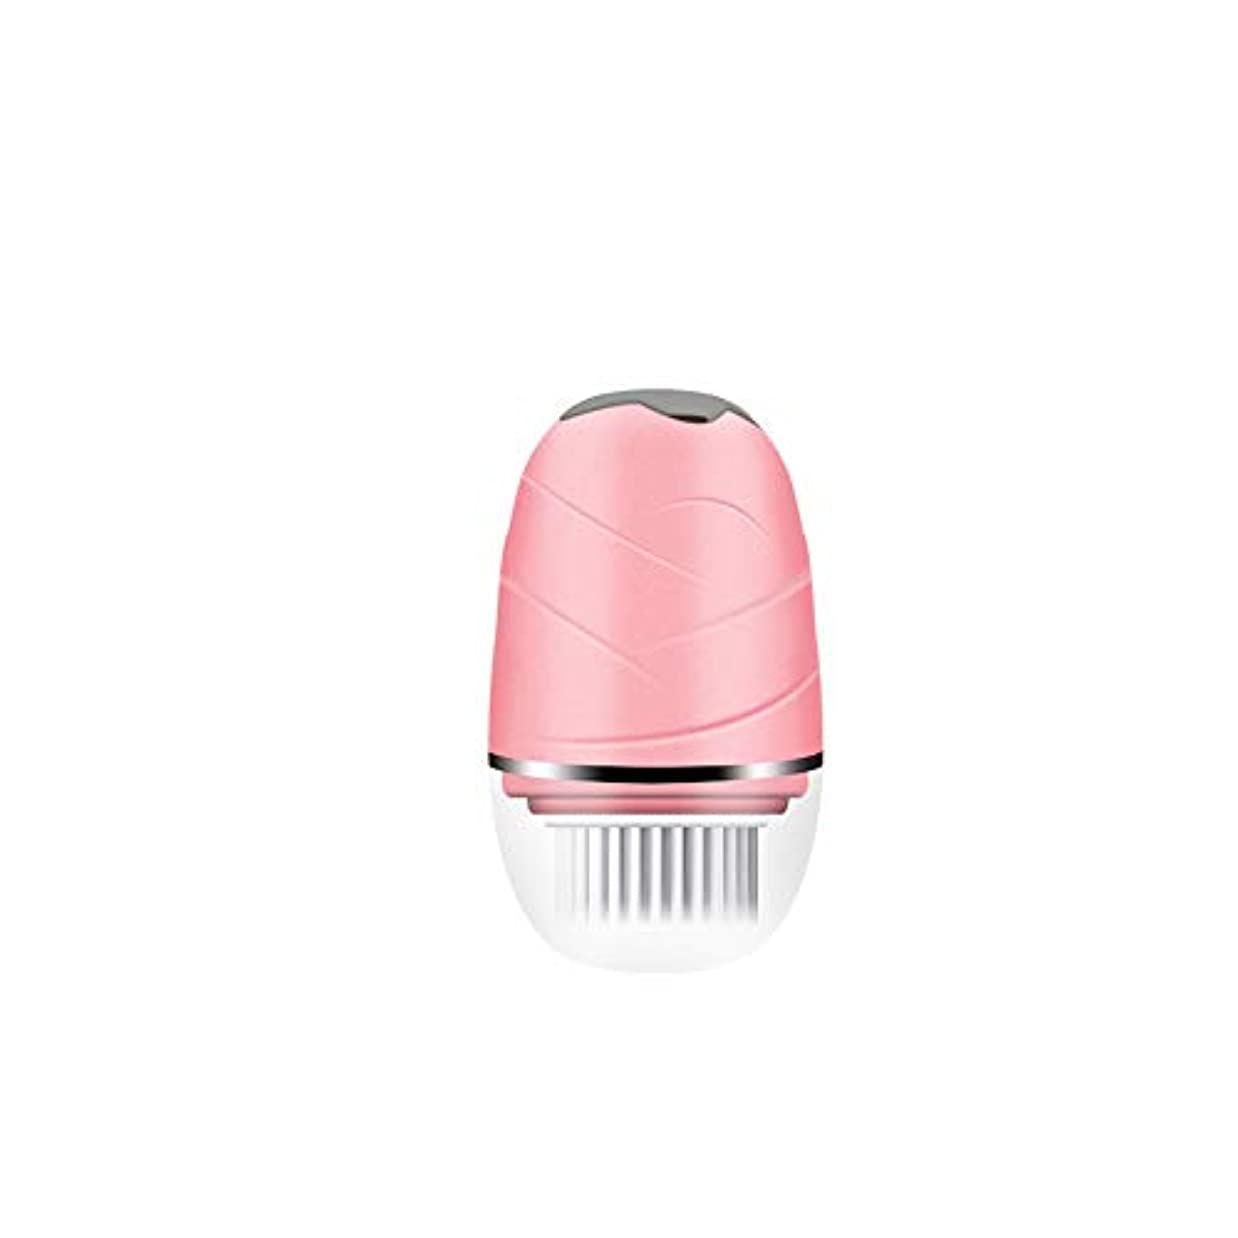 補う引く疾患洗顔ブラシ、3つのブラシヘッドを備えた防水フェイスブラシ、フェイスクリーニング、角質除去、マッサージのためのポータブル電動回転フェイススクラバー,ピンク